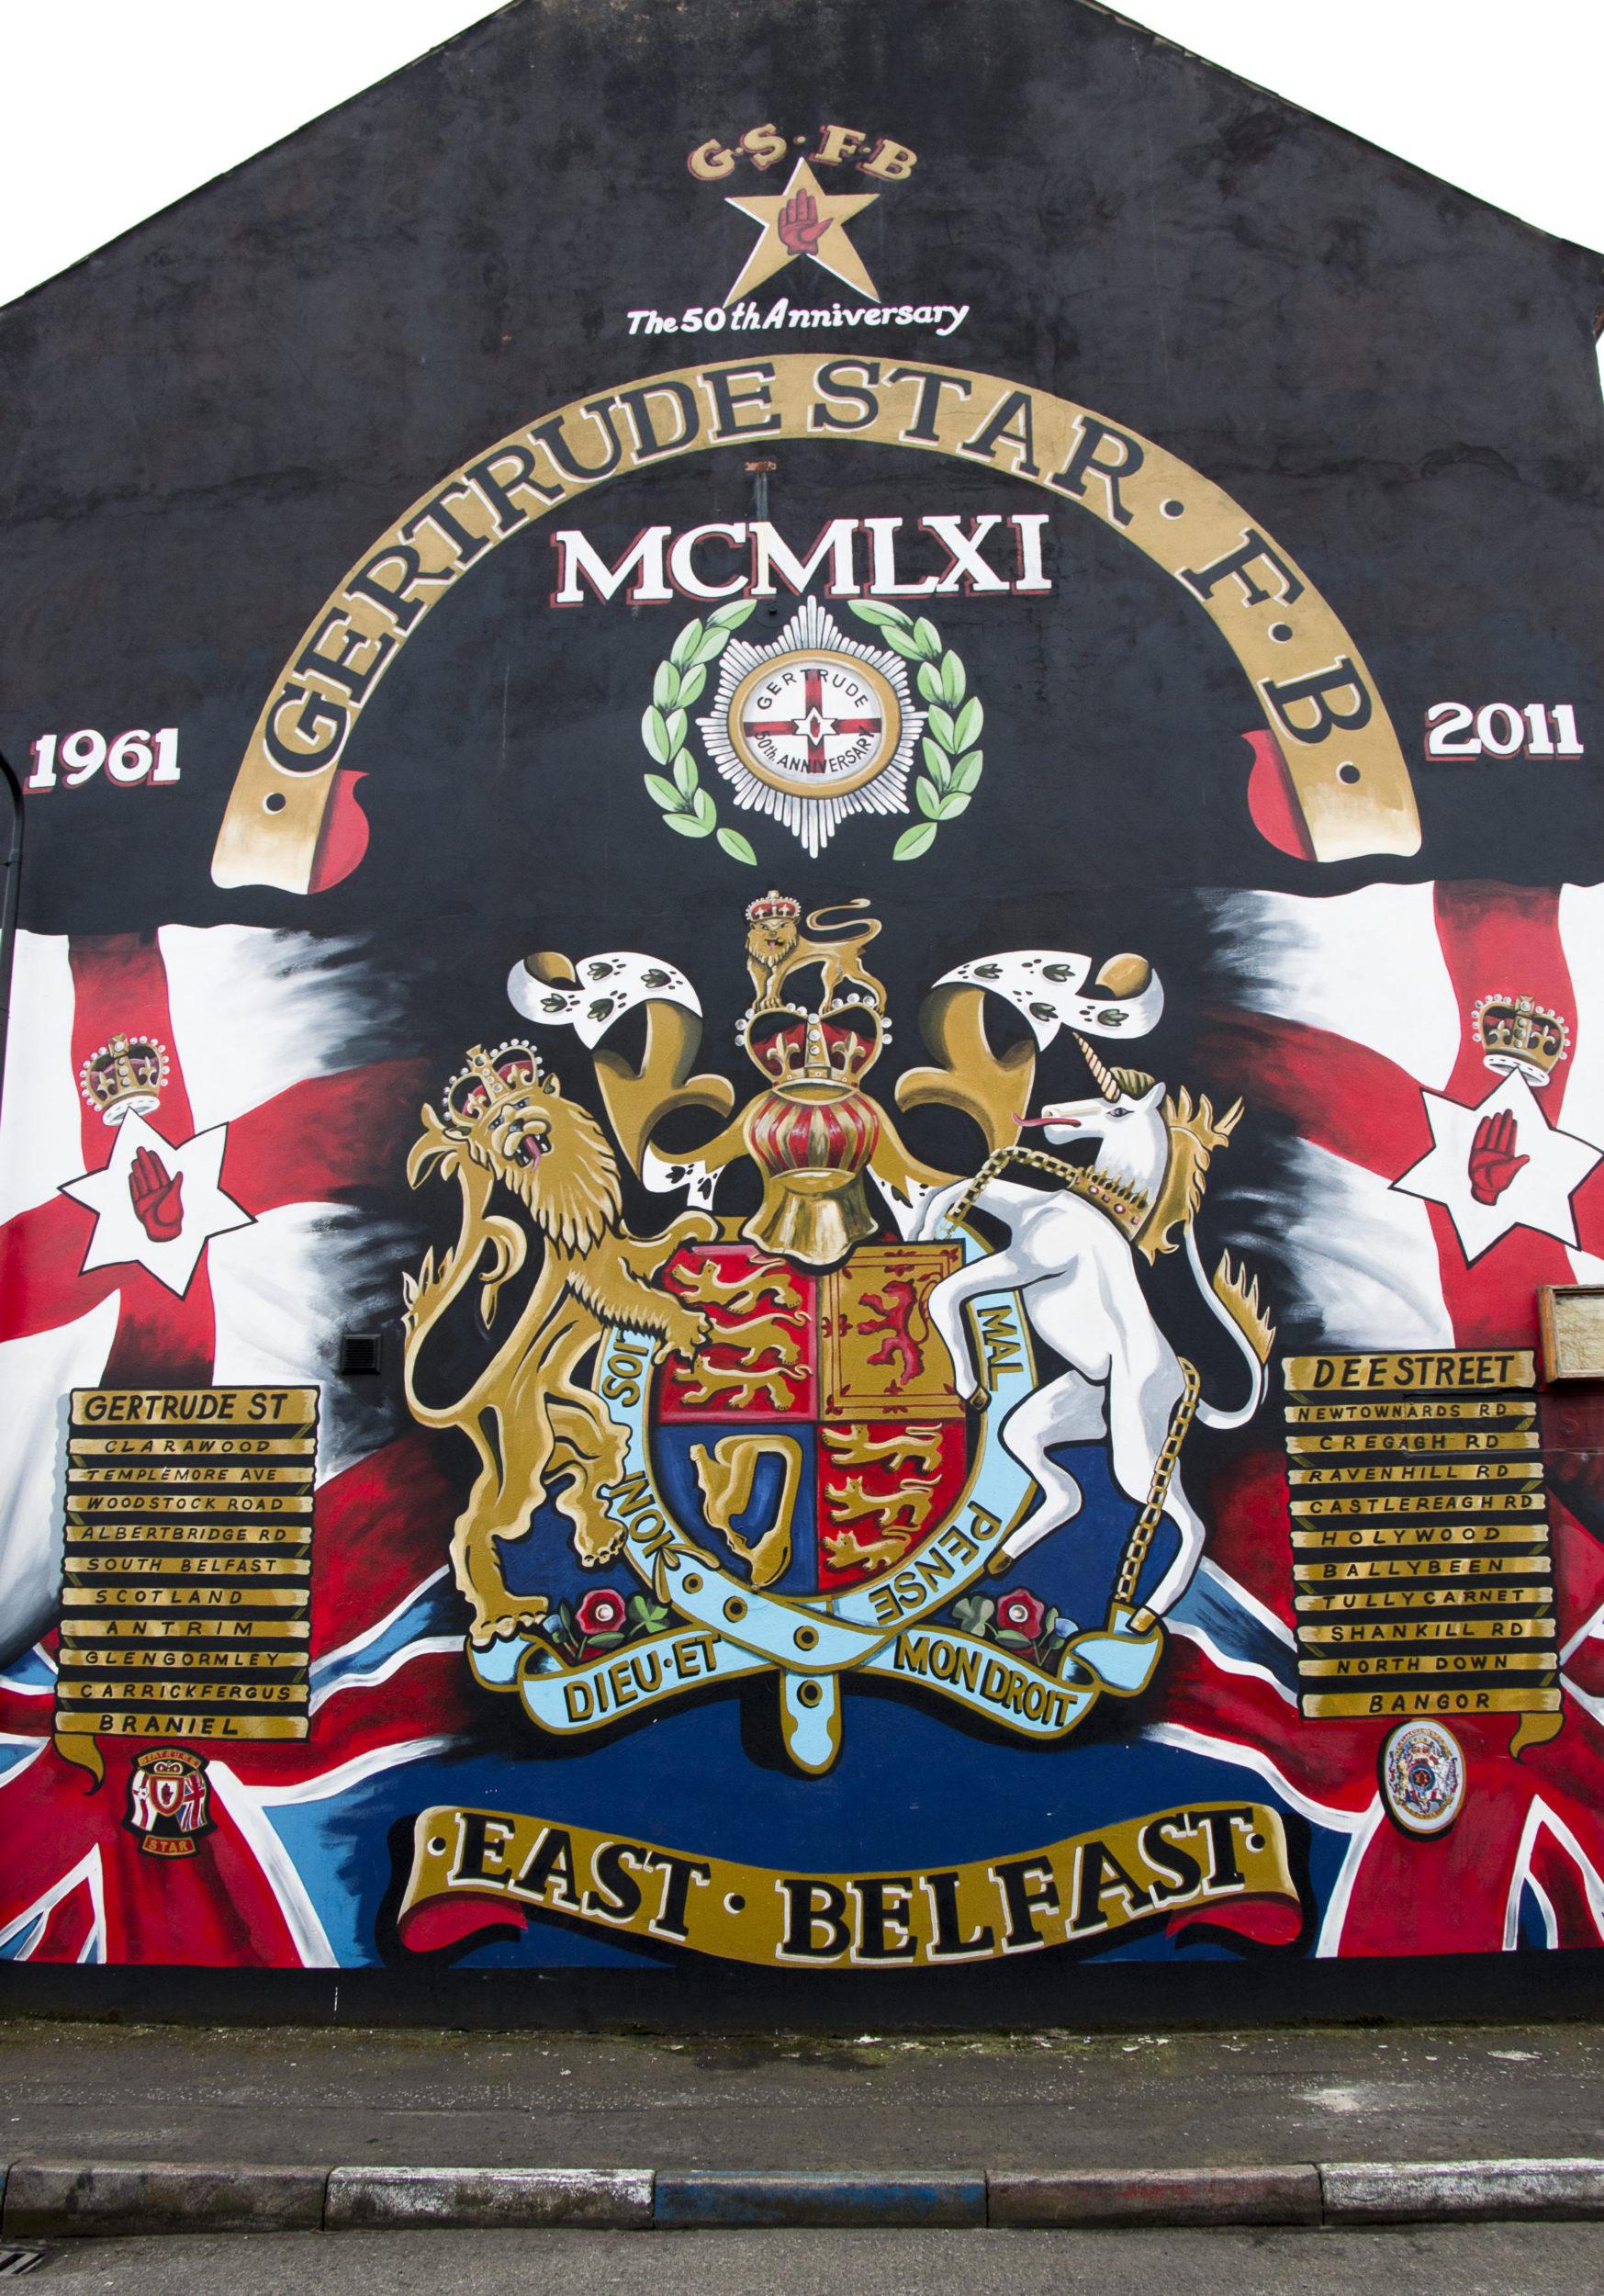 Belfastin katutaide muuttuu hiljalleen rauhanomaisempaan suuntaan. Gergtrude Star F.B. -soittokuntaa ylistävä maalaus on täynnä brittiläistä ja unionistista symboliikkaa, mutta ilman aseita ja puolisotilaallisten jengien tunnuksia.